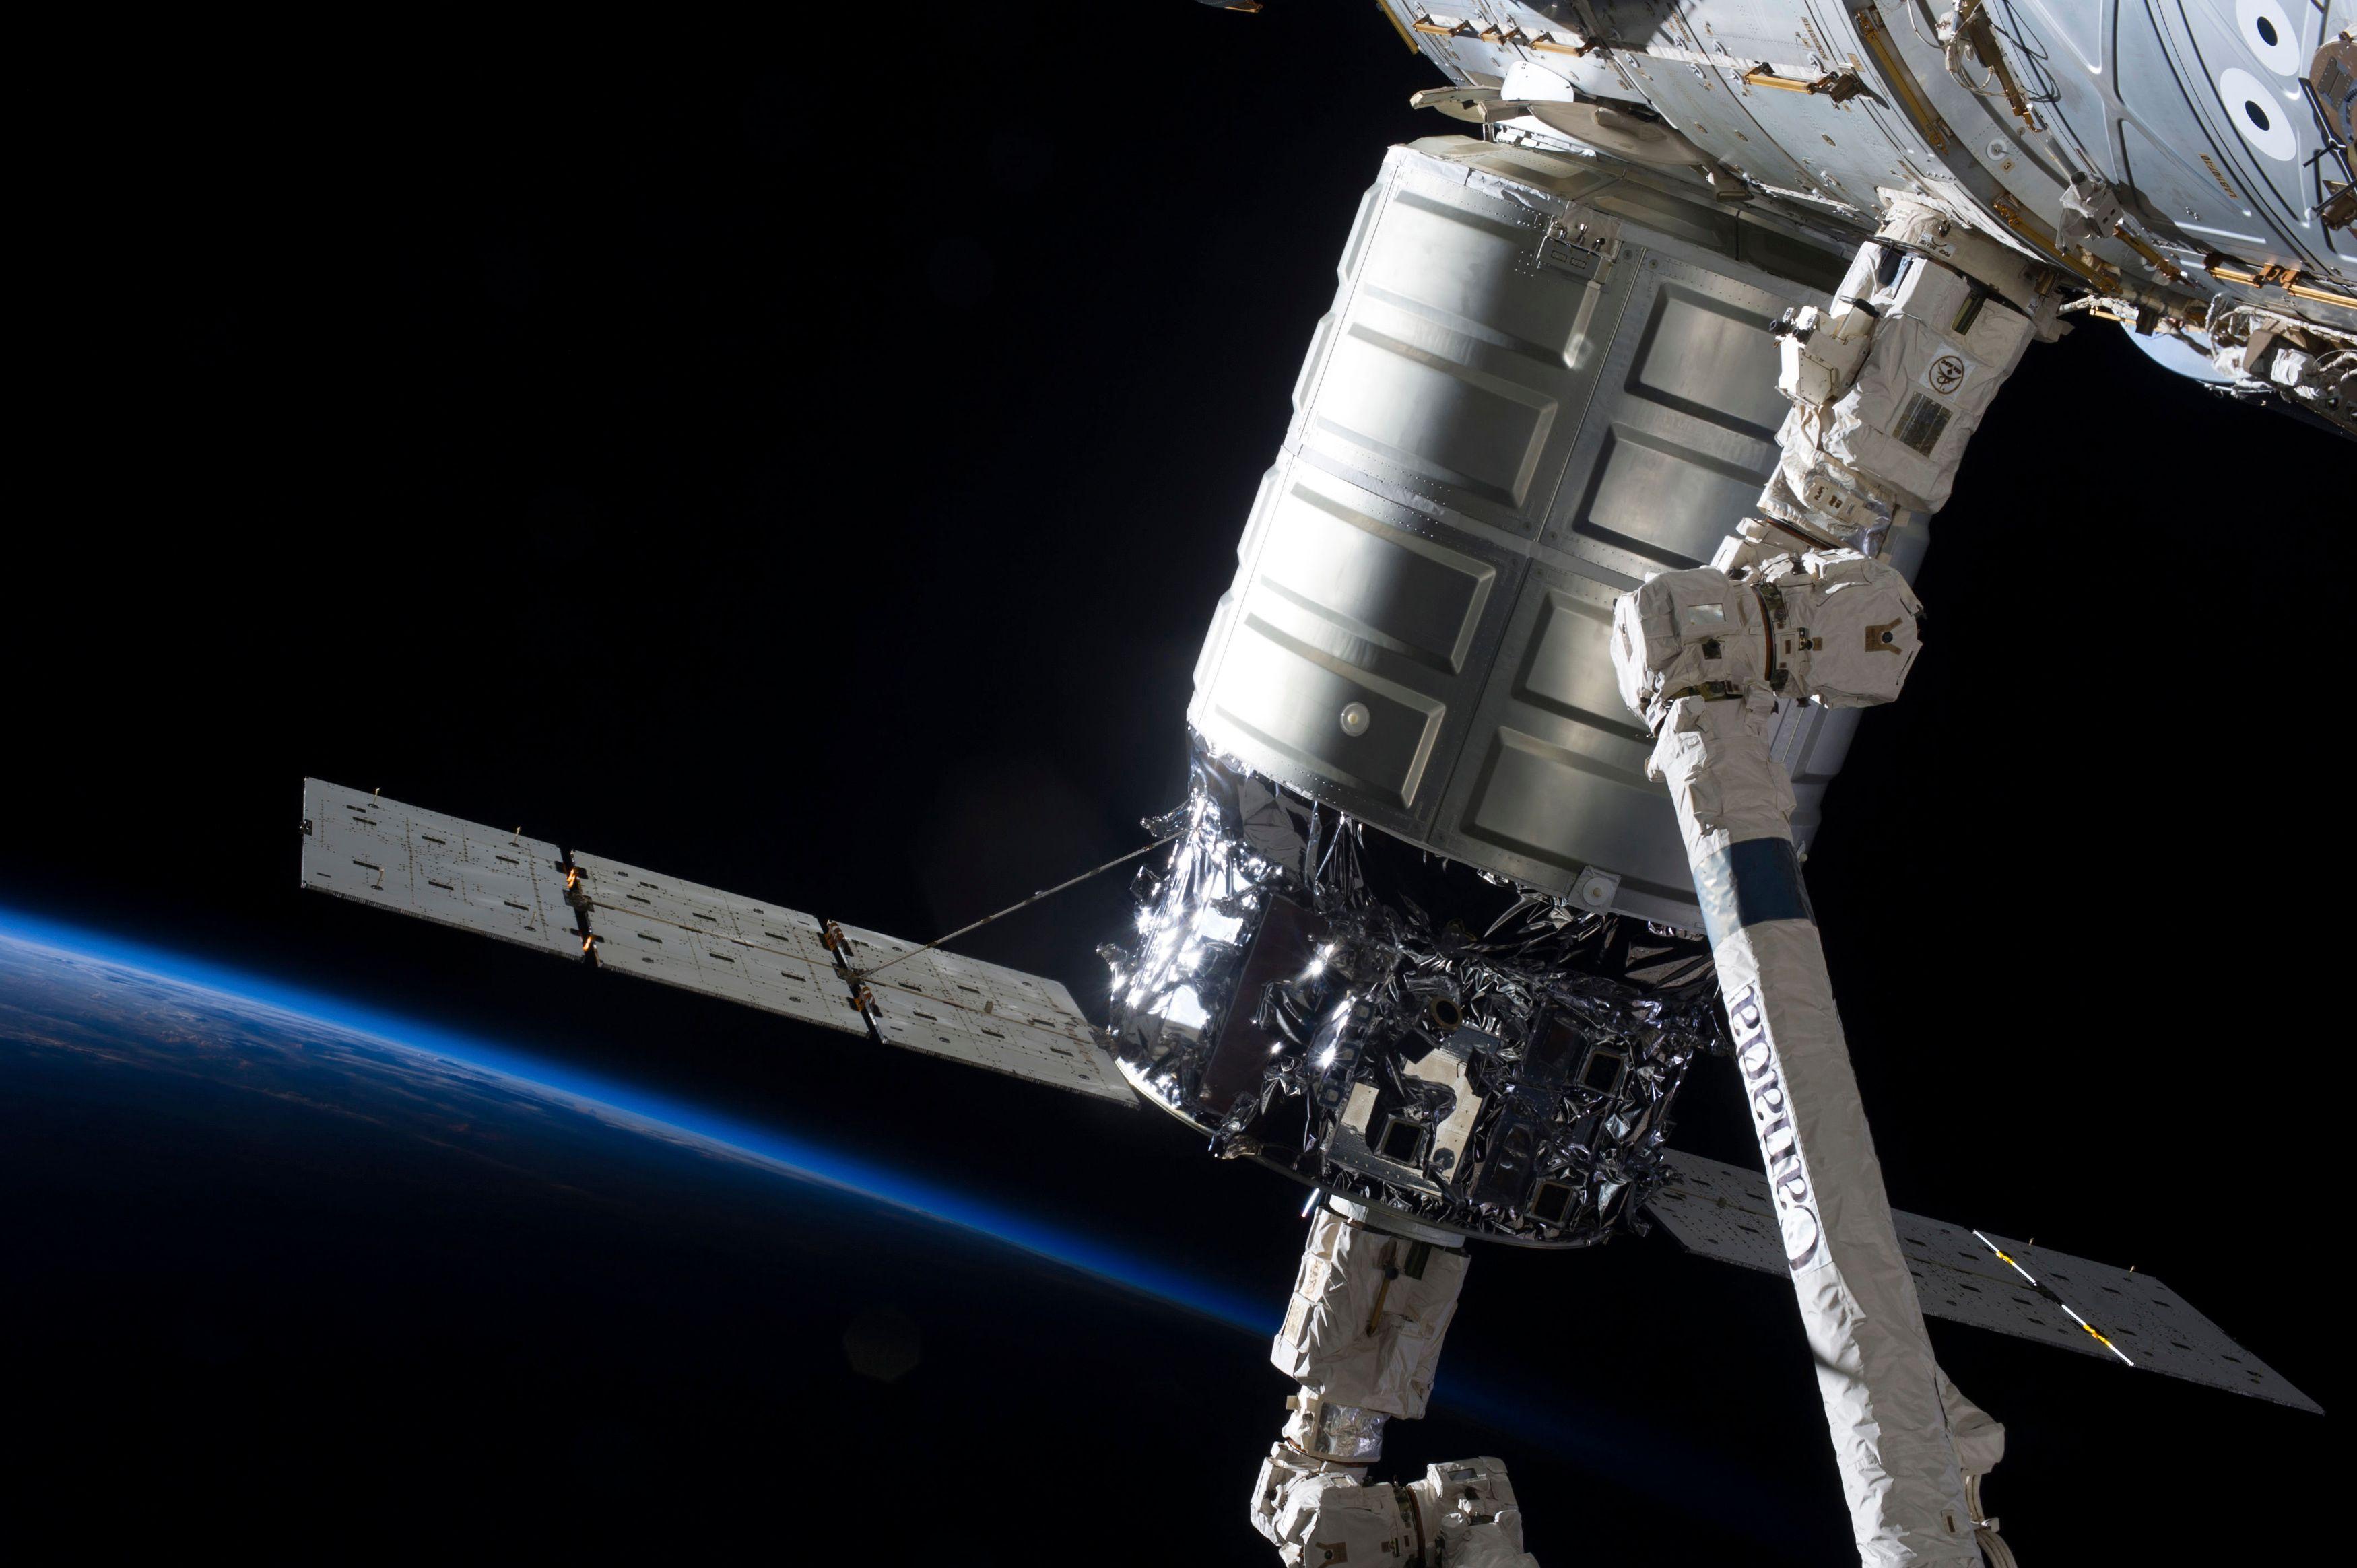 Cygnus : la capsule a quitté l'ISS et sera détruite ce mercredi